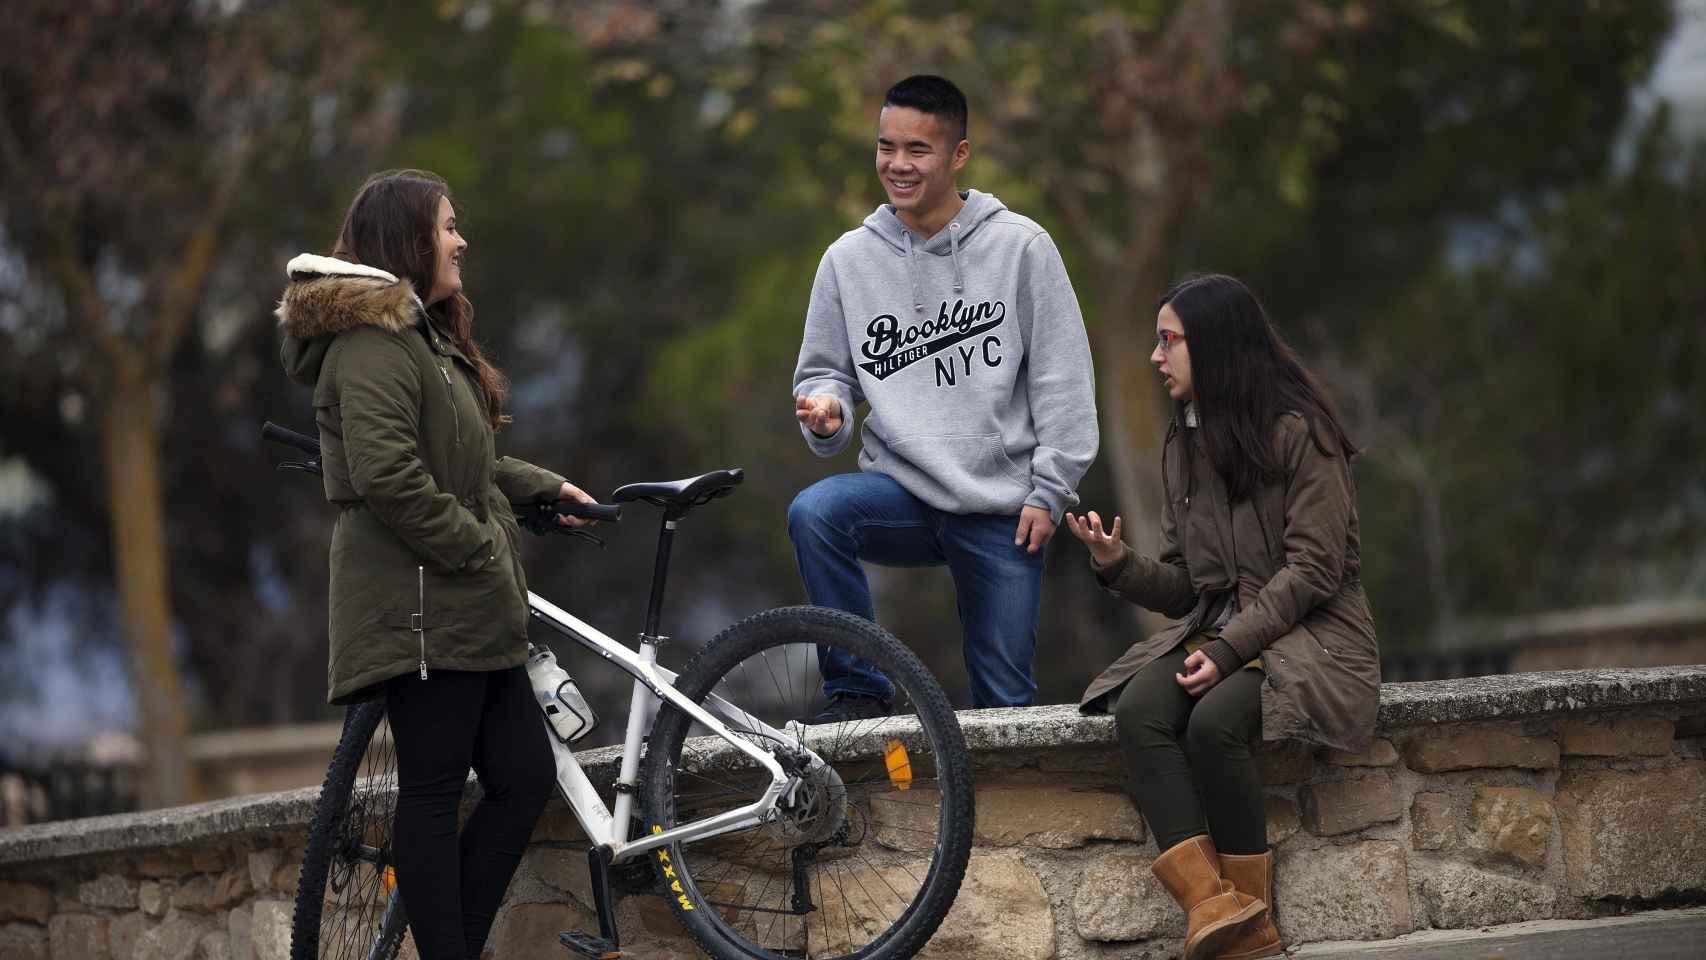 Daniel en Pamplona junto a sus hermanas. Foto: Iban Aguinaga